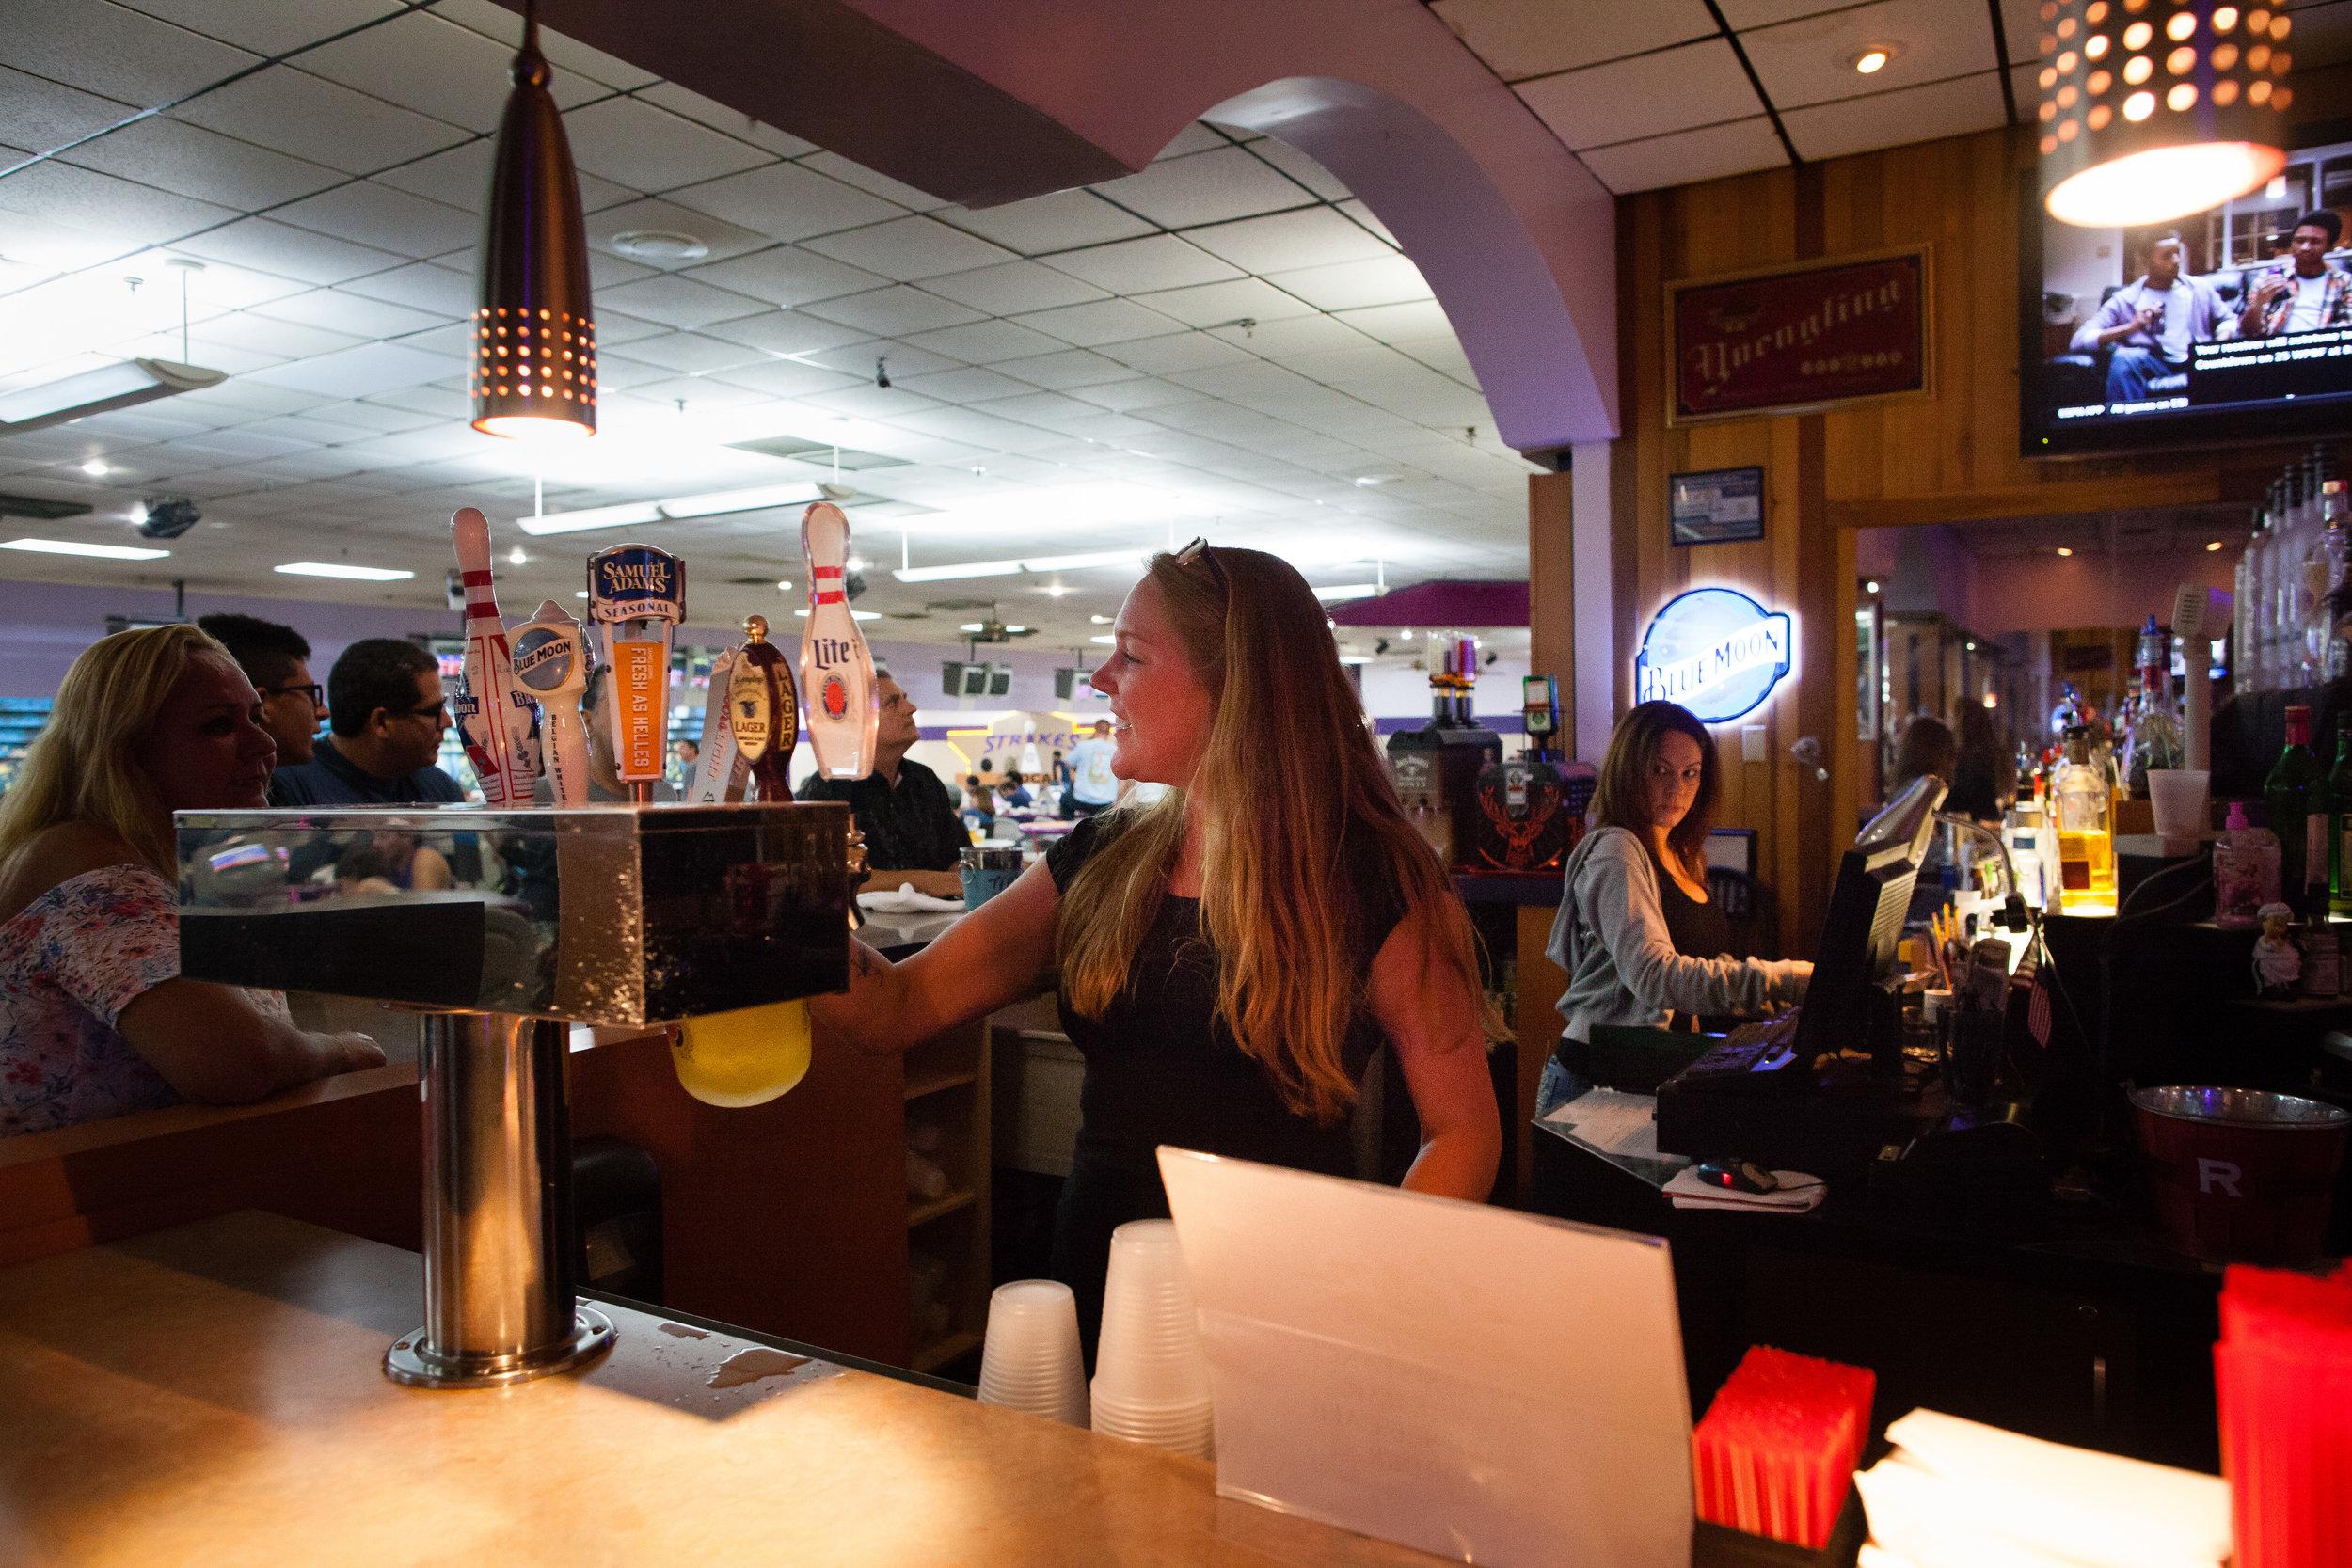 Amanda and Sarah Tending Bar, Strikes at Boca